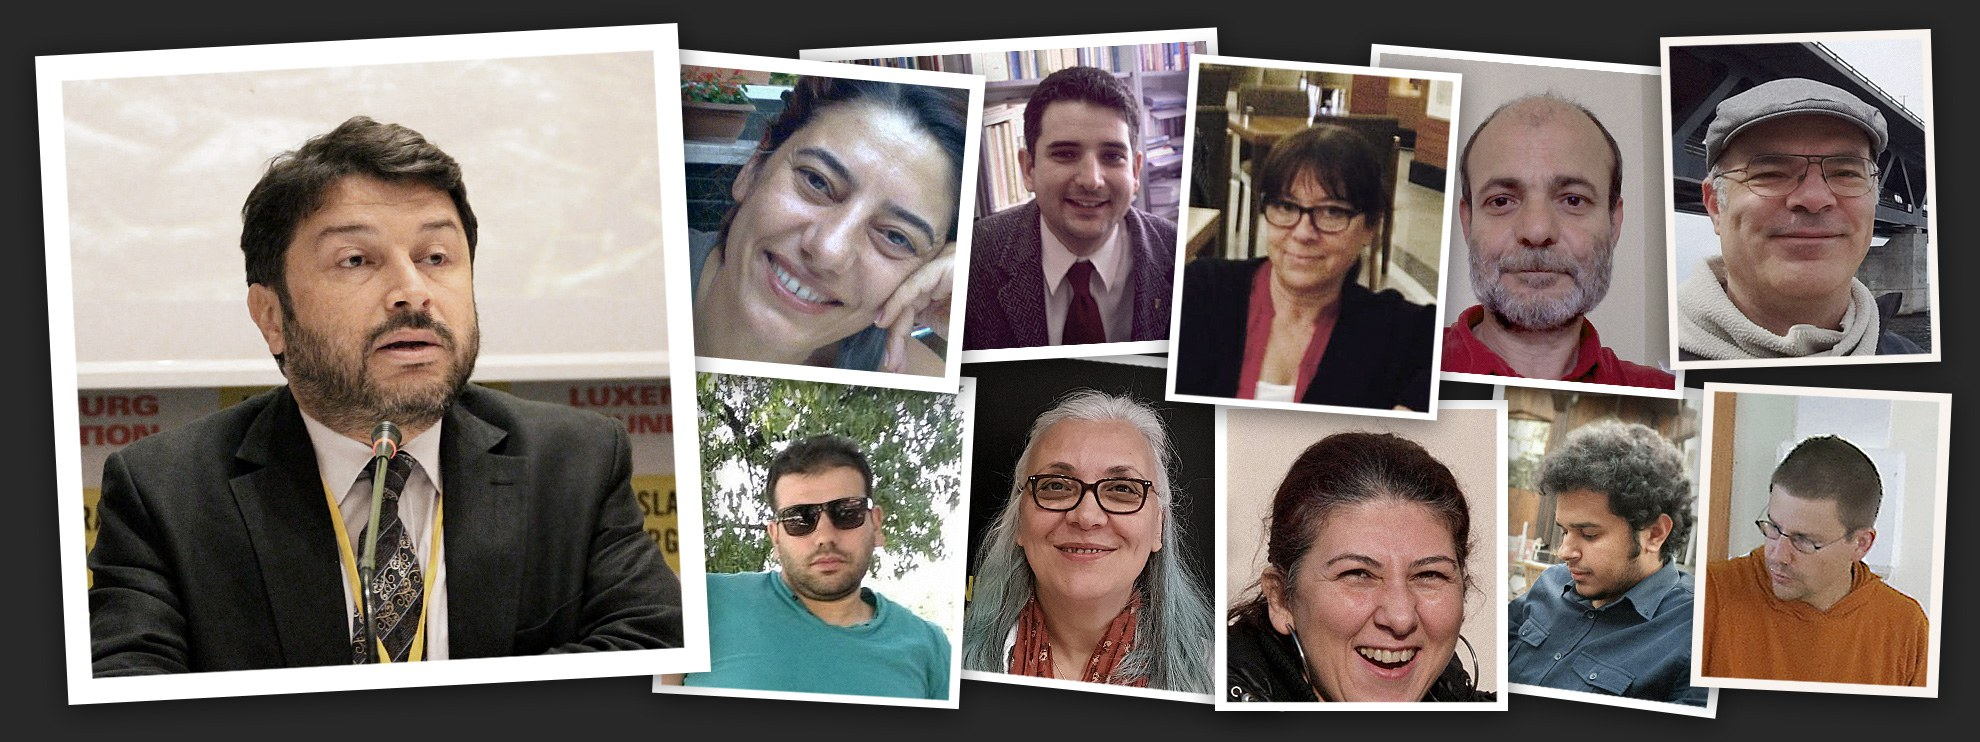 Taner Kiliç, Idil Eser et les autres défenseur·e·s des droits humains.  © Amnesty International